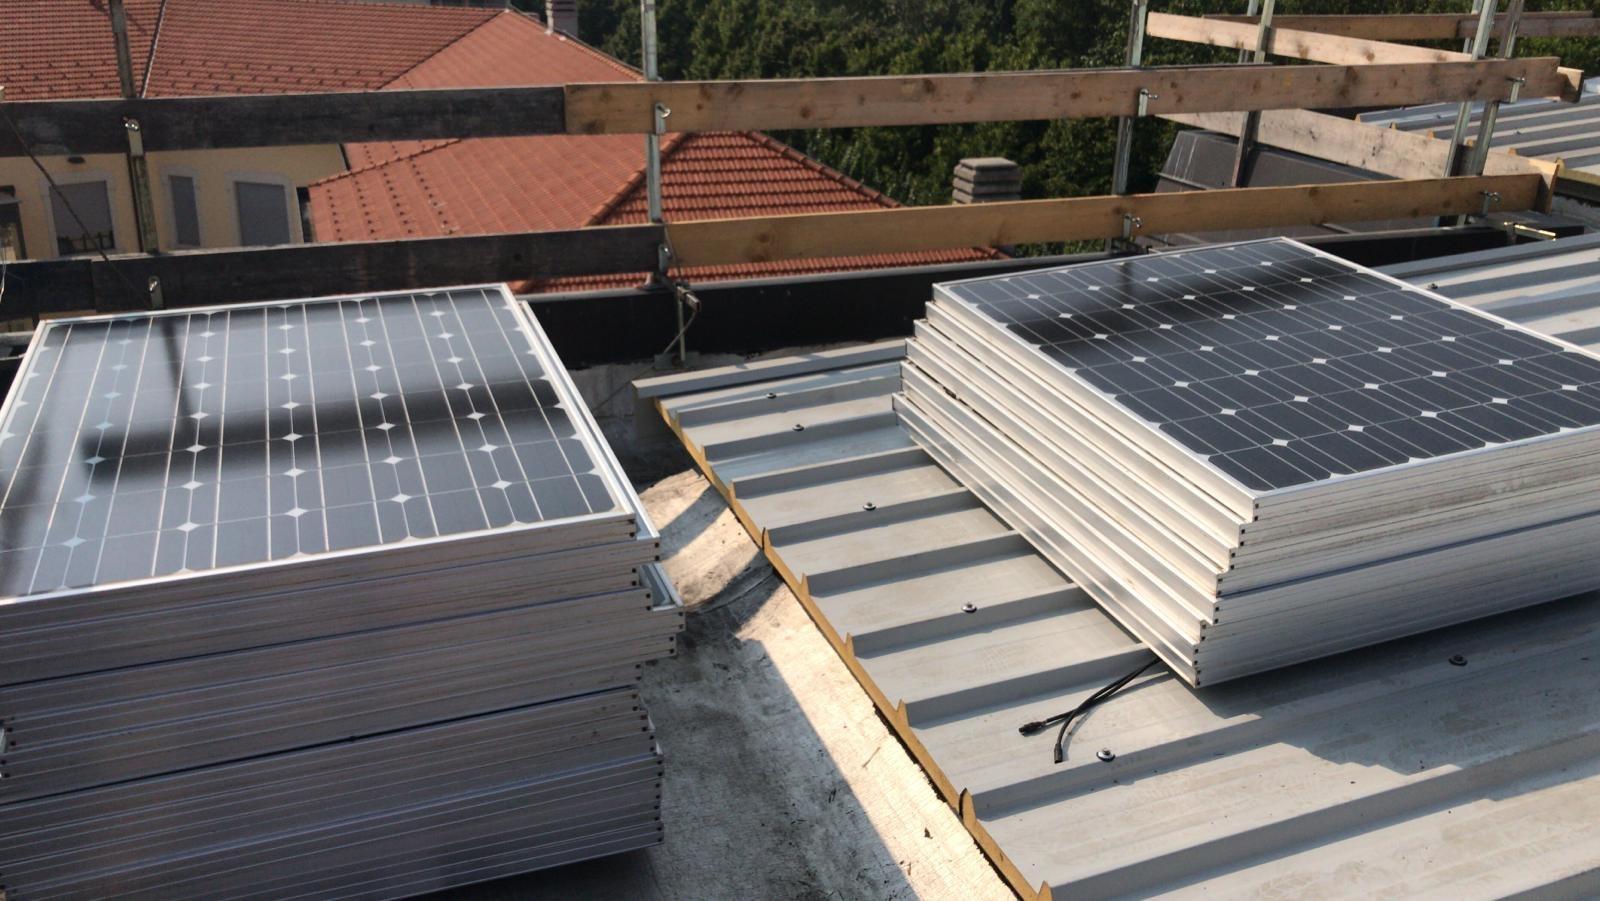 Impianto fotovoltaico su tetto a Castellanza Varese